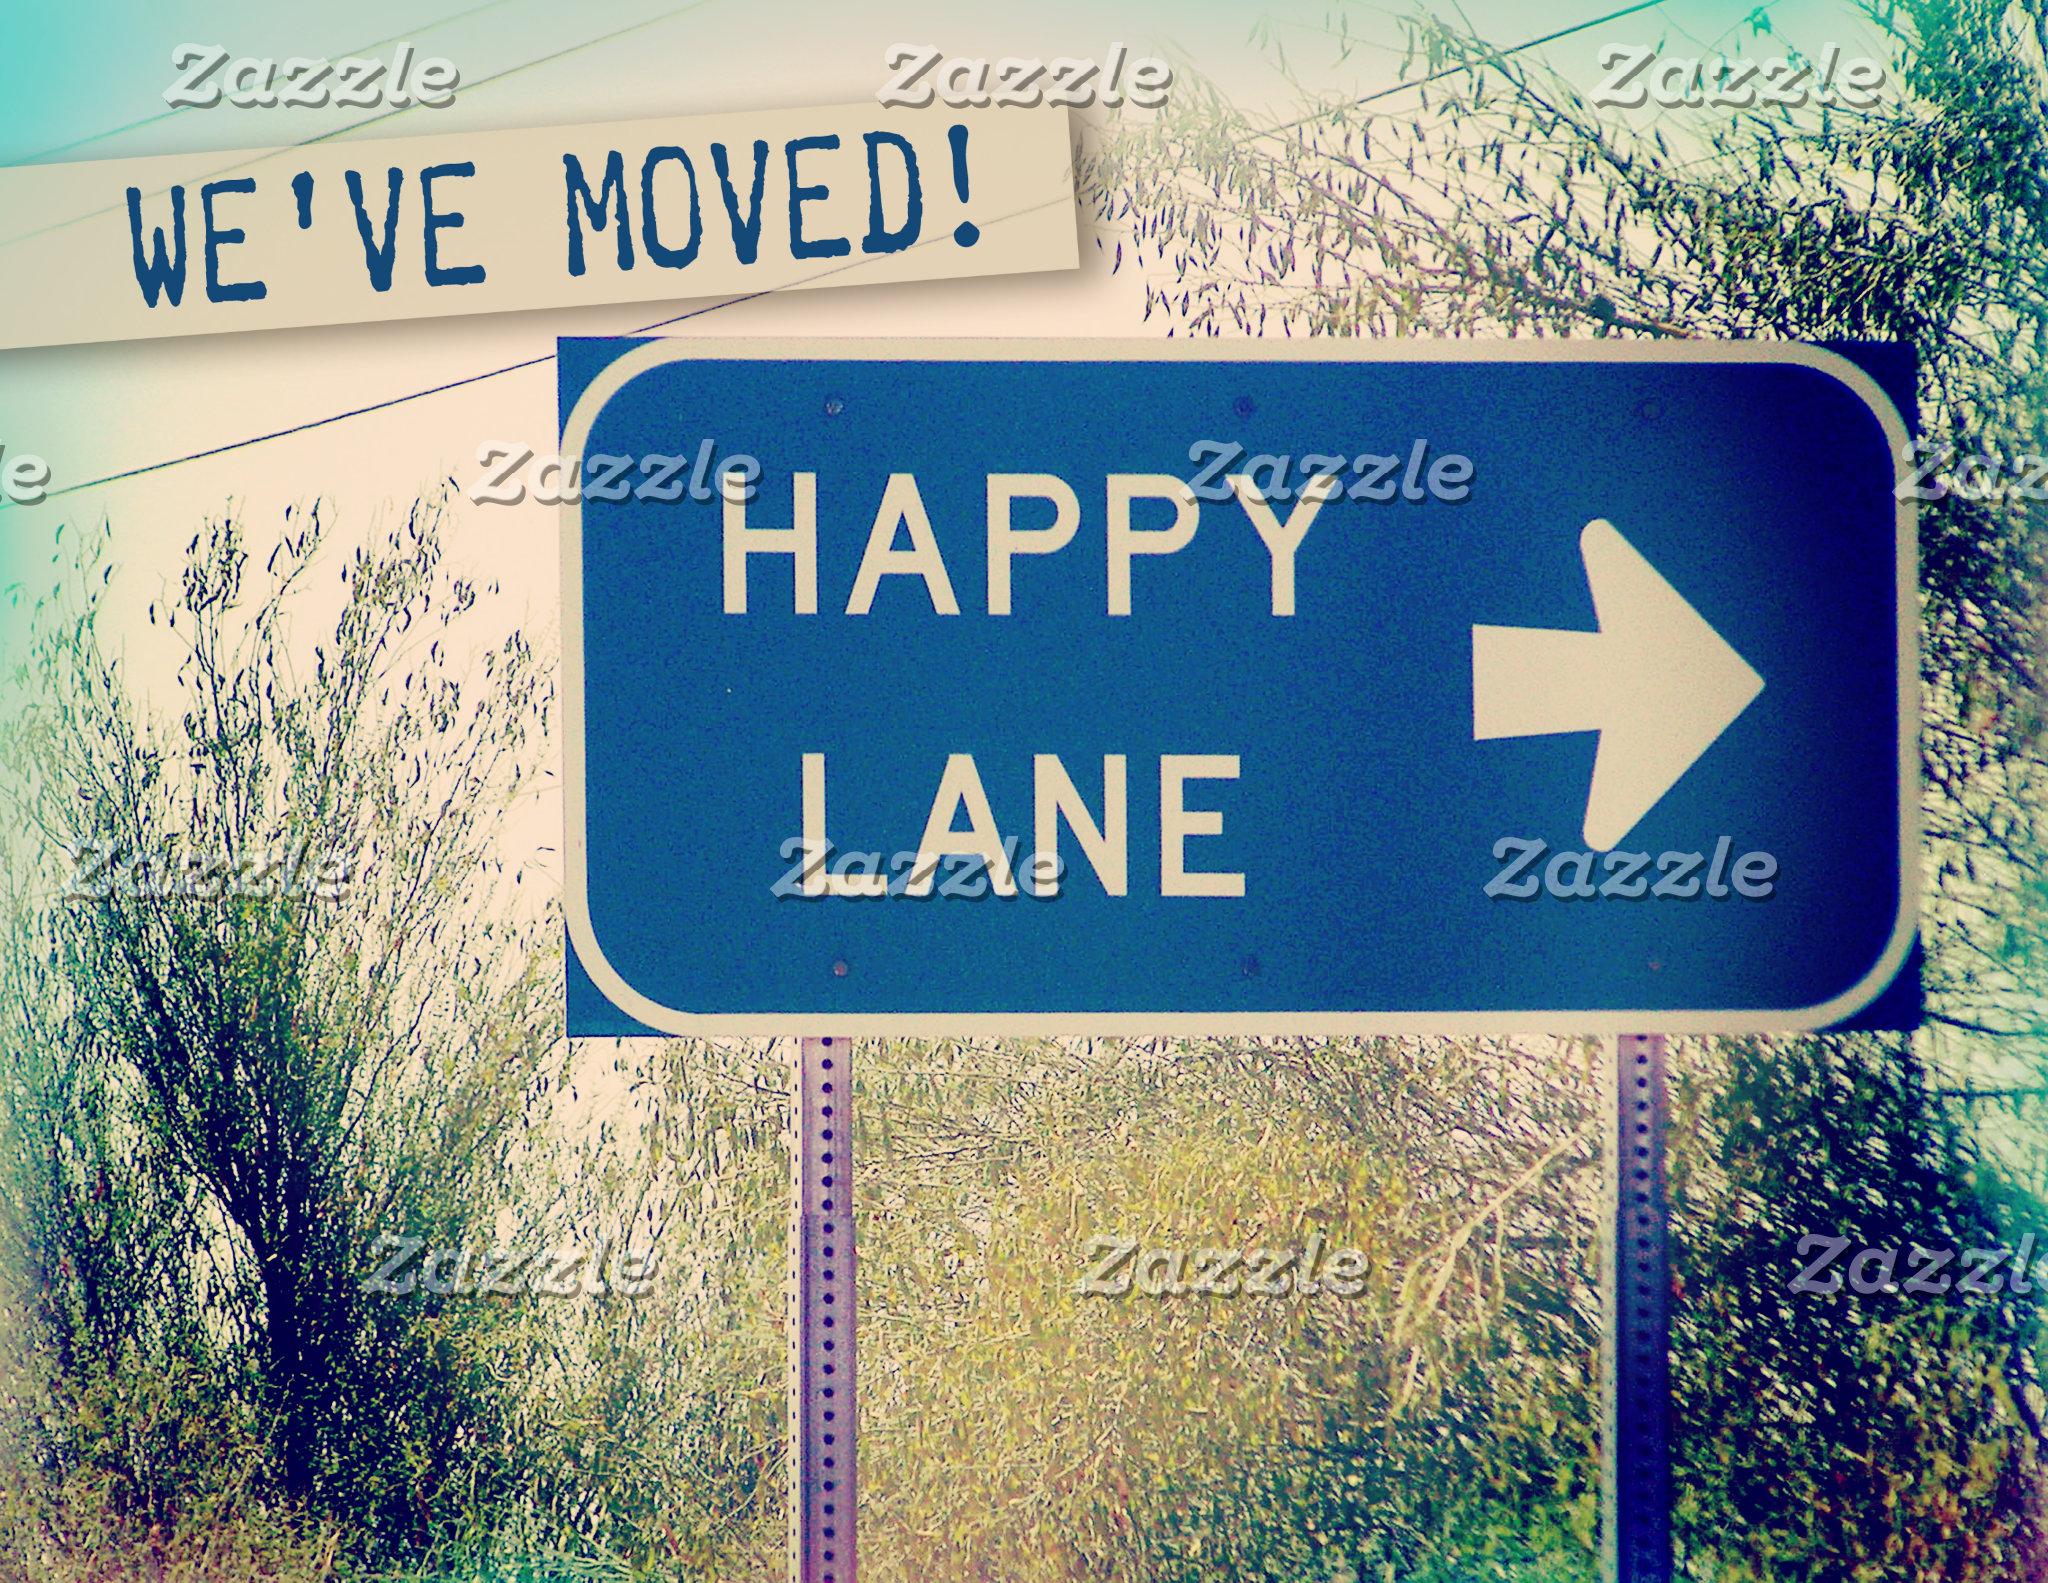 Happy Lane